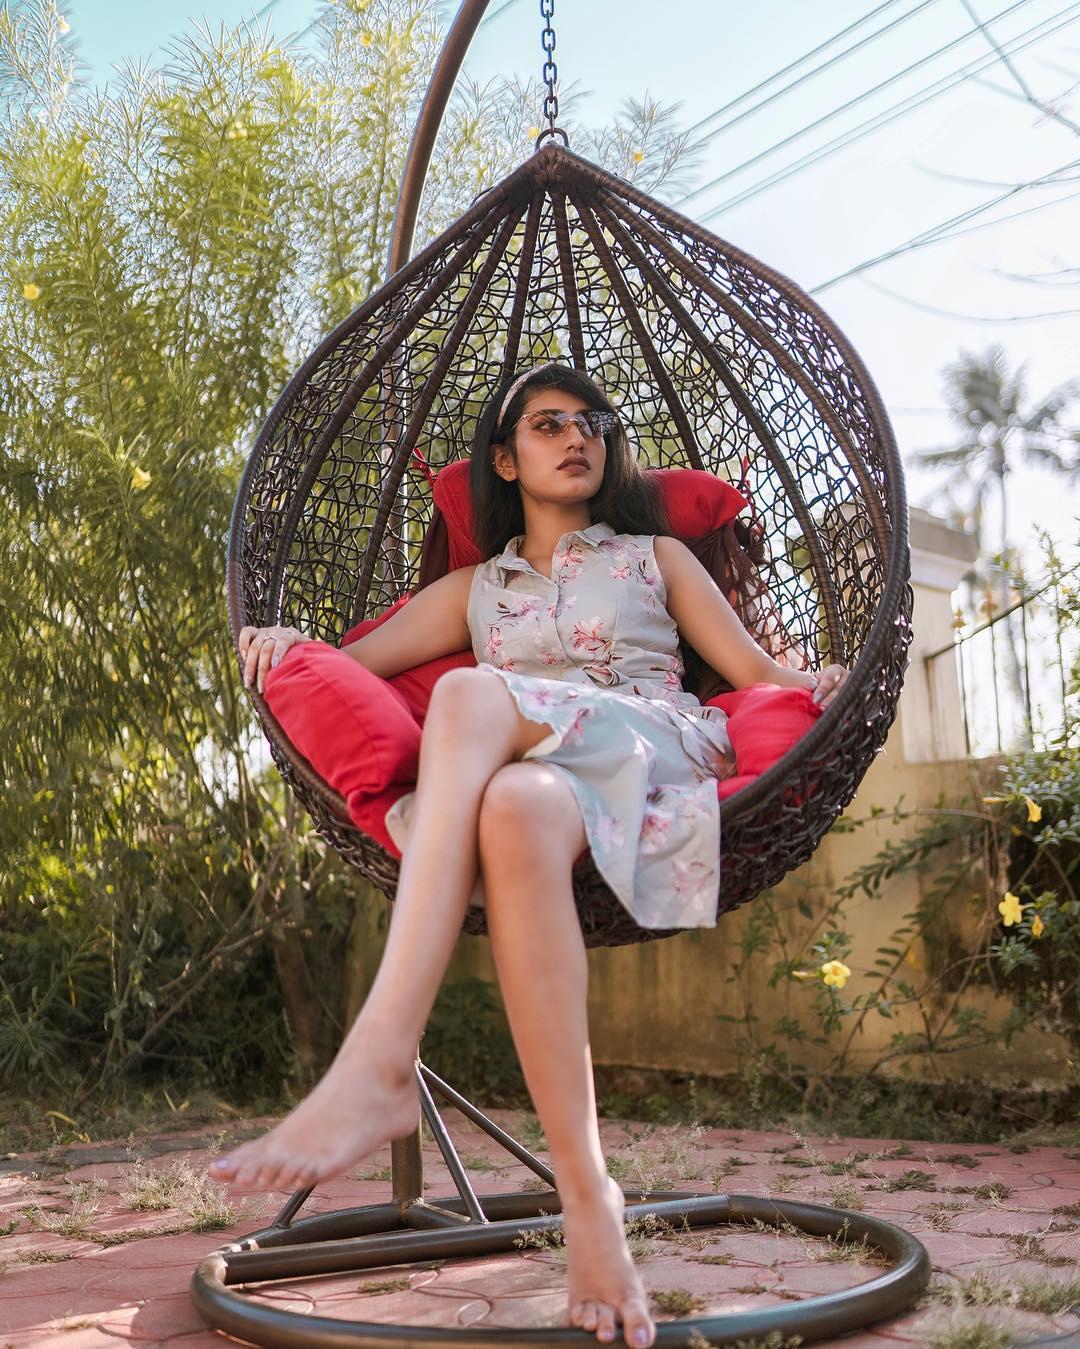 హాట్ ఫోటో షూట్లతో అదరగొడుతోన్న ప్రియా వారియర్ Photo: Instagram/priya.p.varrier